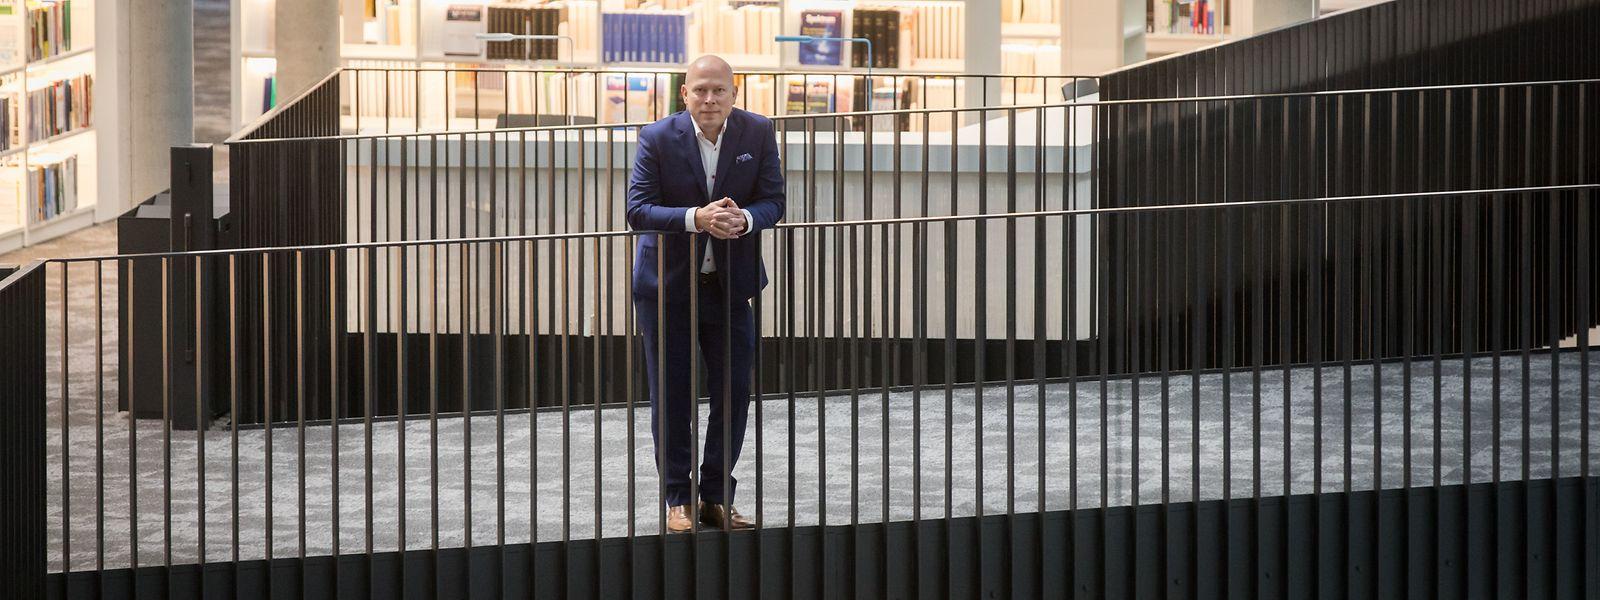 Seit Januar 2018 ist der Rektor Stéphane Pallage im Amt